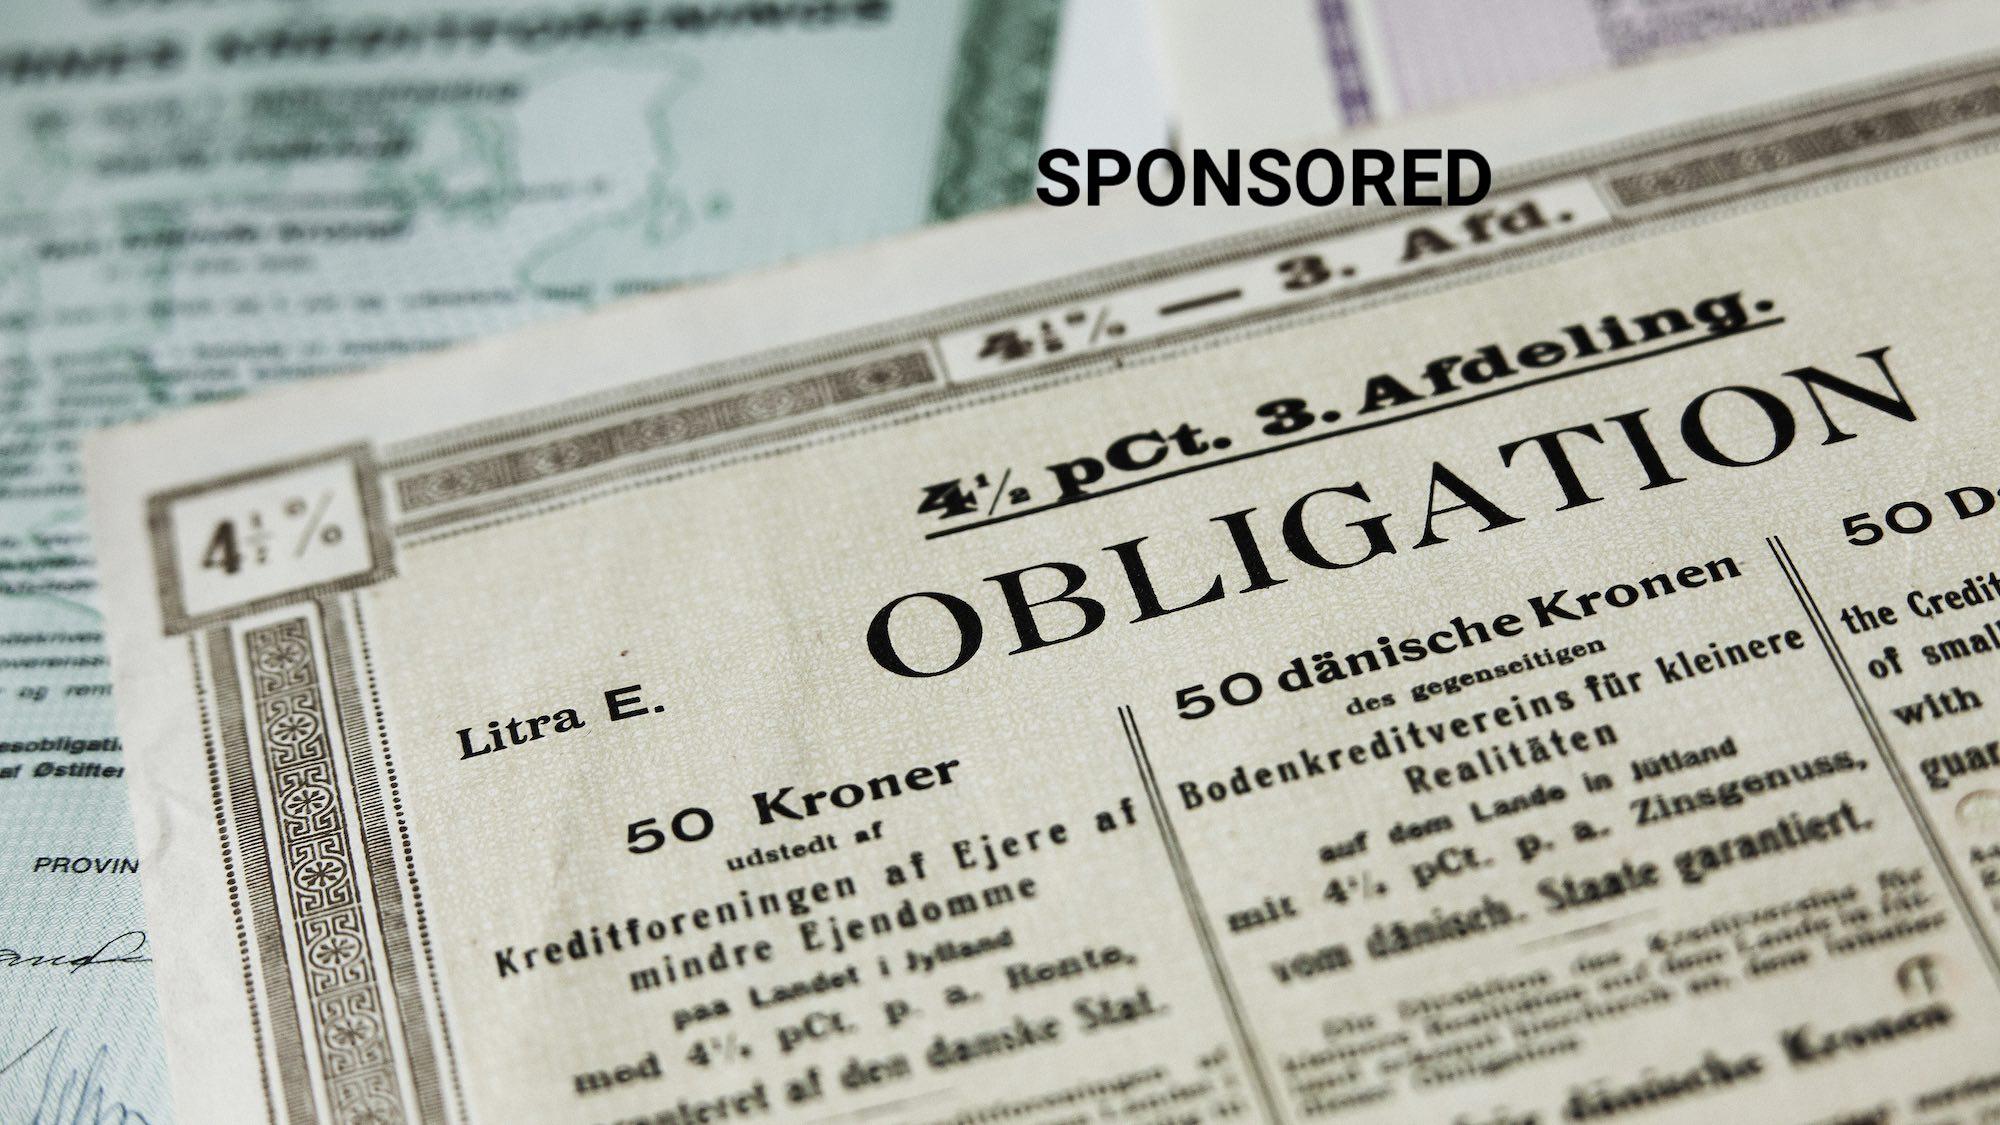 old-obligation-vp-securities-sponsored